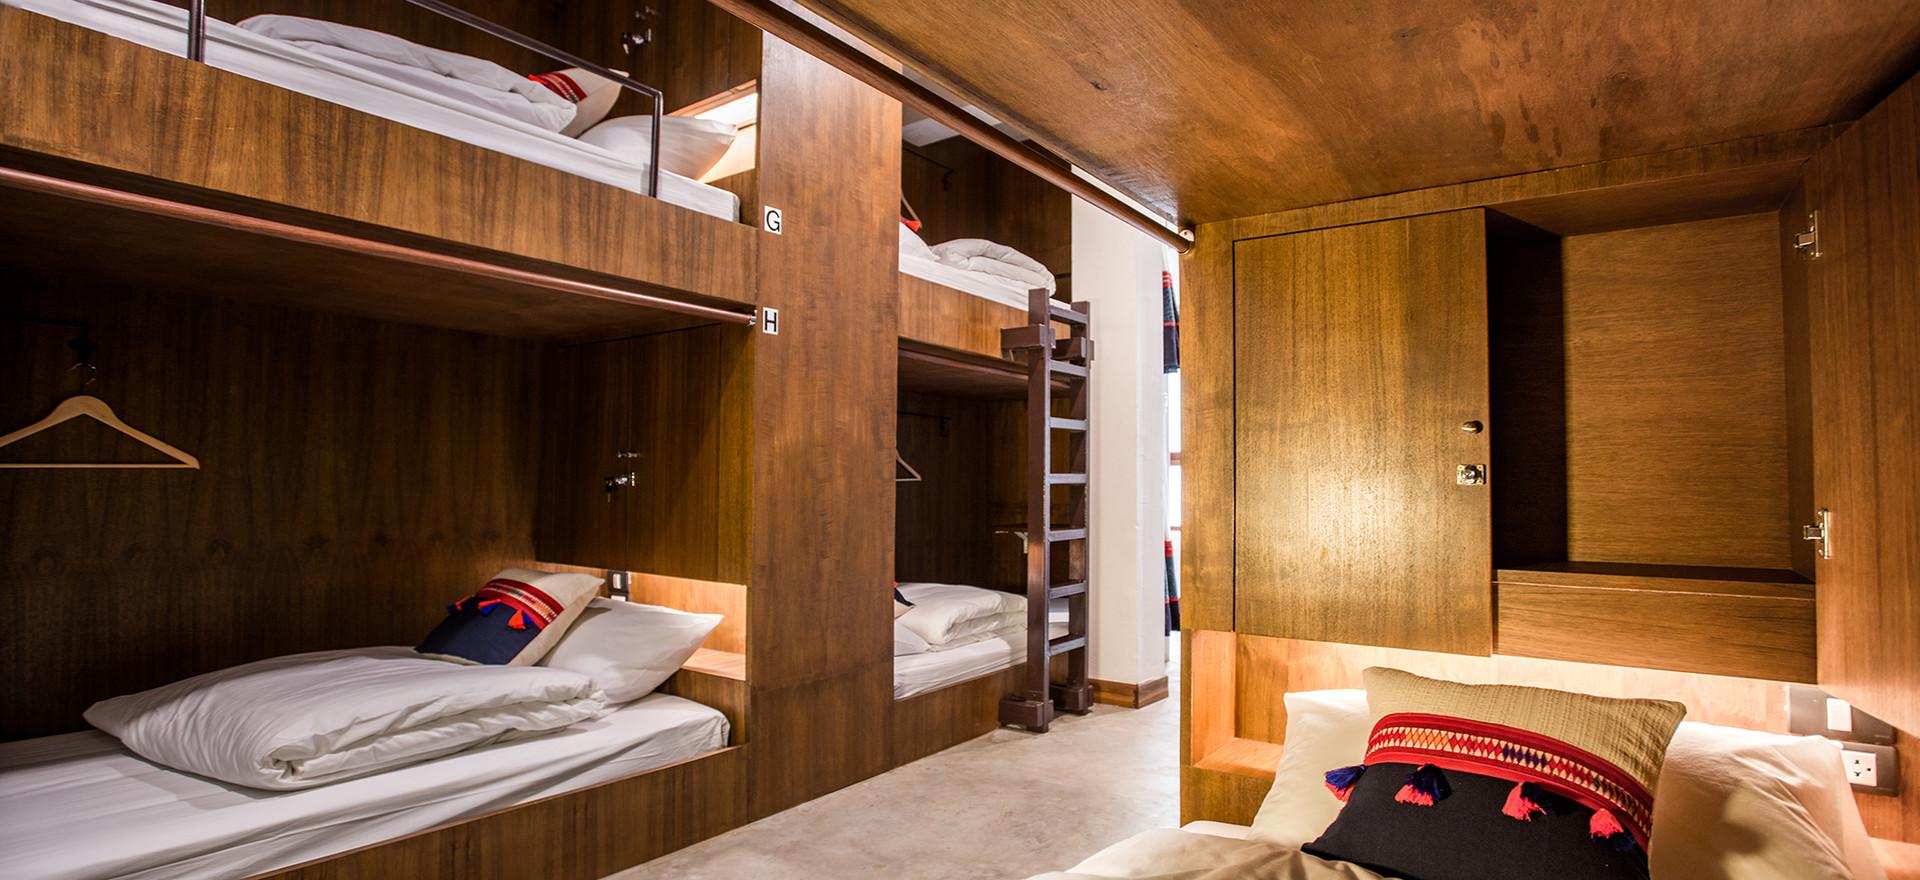 12 Beds Mixed Dorm